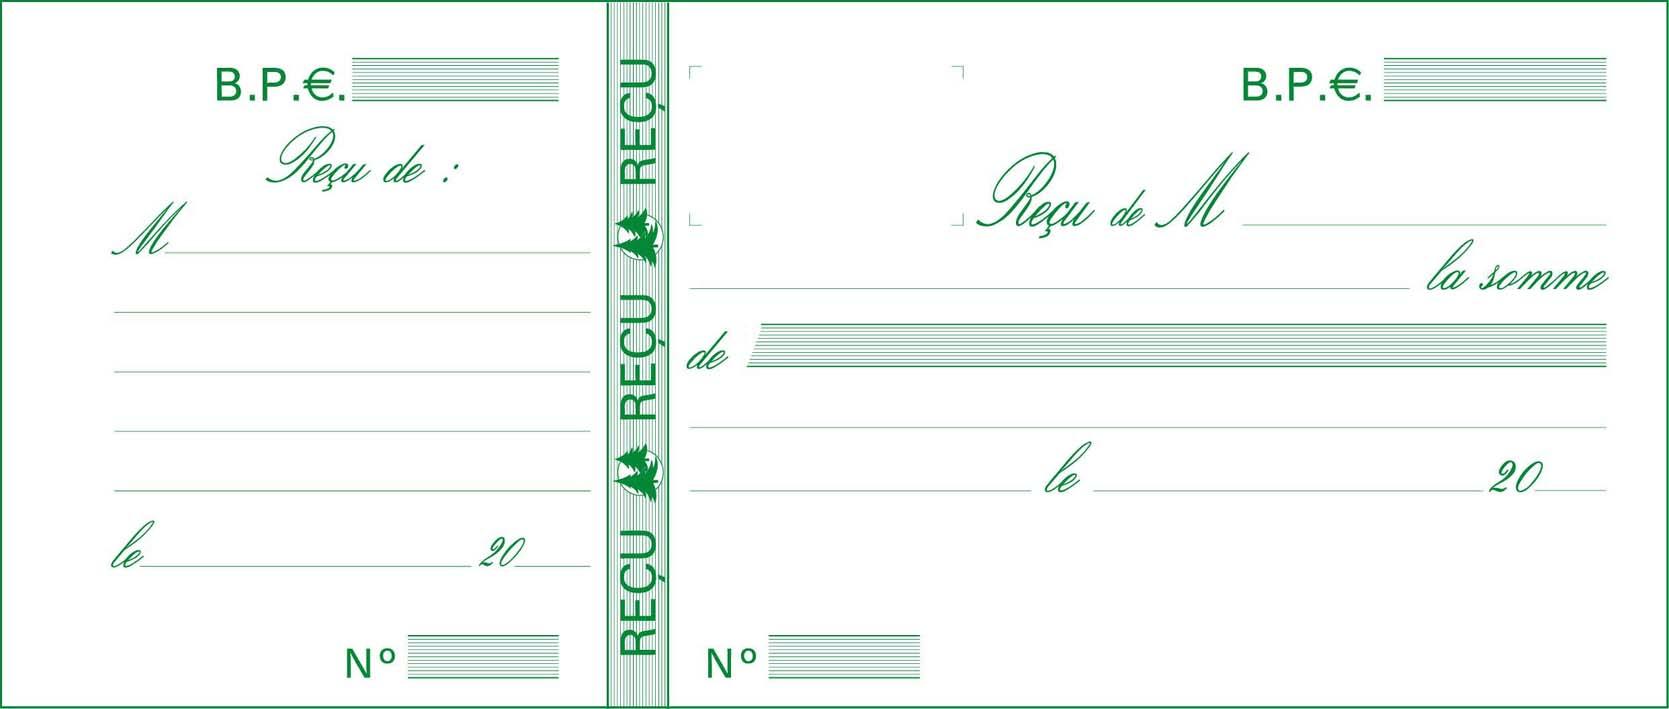 RECUS De Paiement Carnet Souche Exacompta 10E Ventes Pro